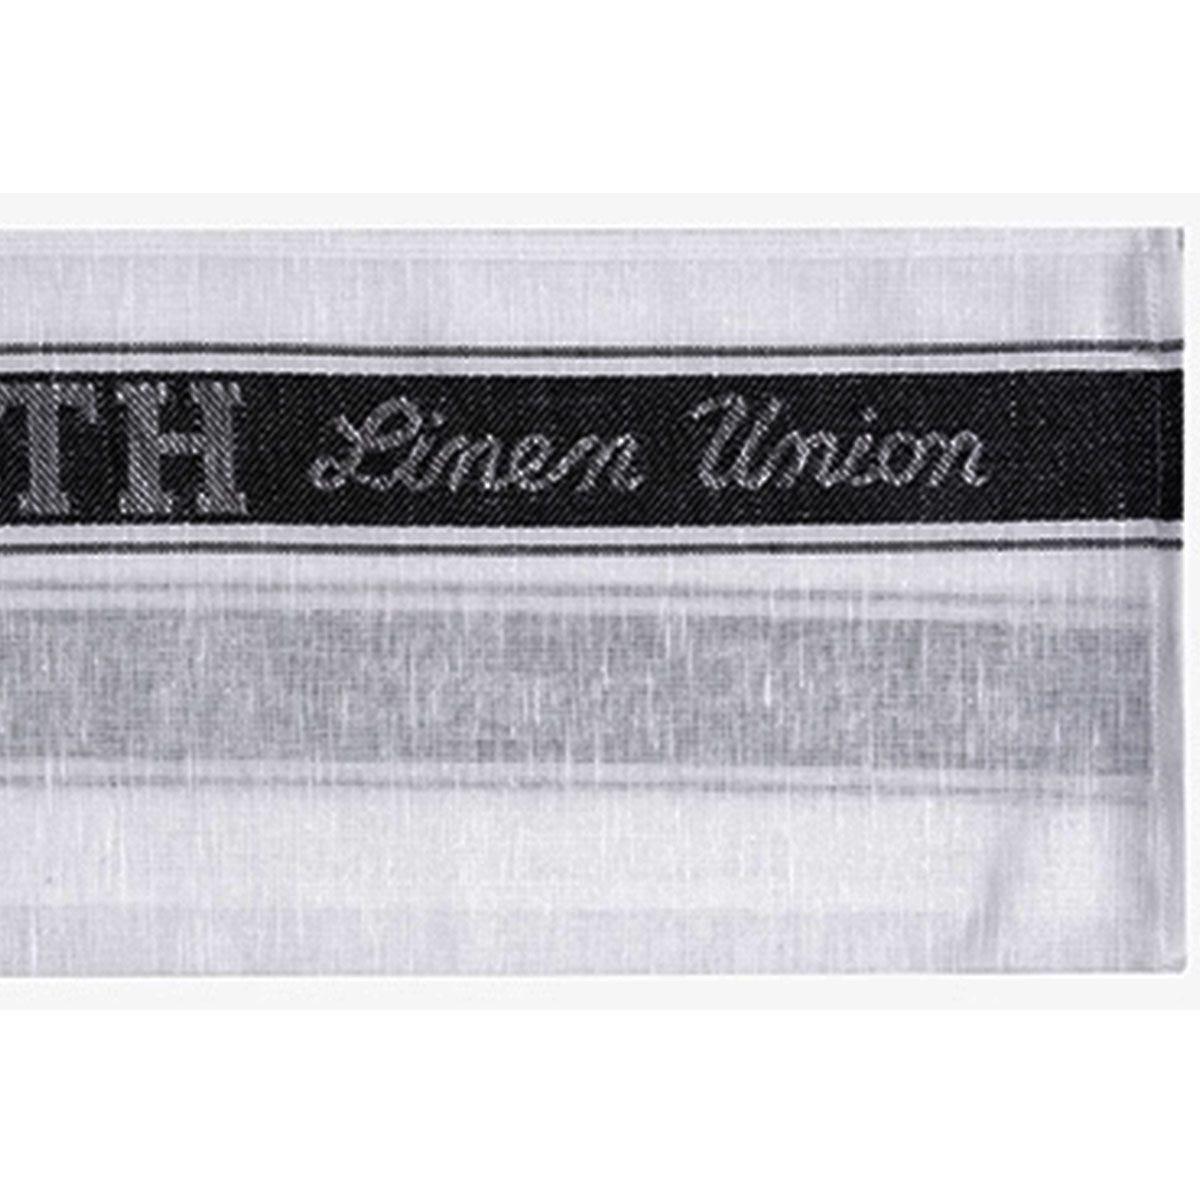 Le Chateau Linen Union Glass Cloth - Black